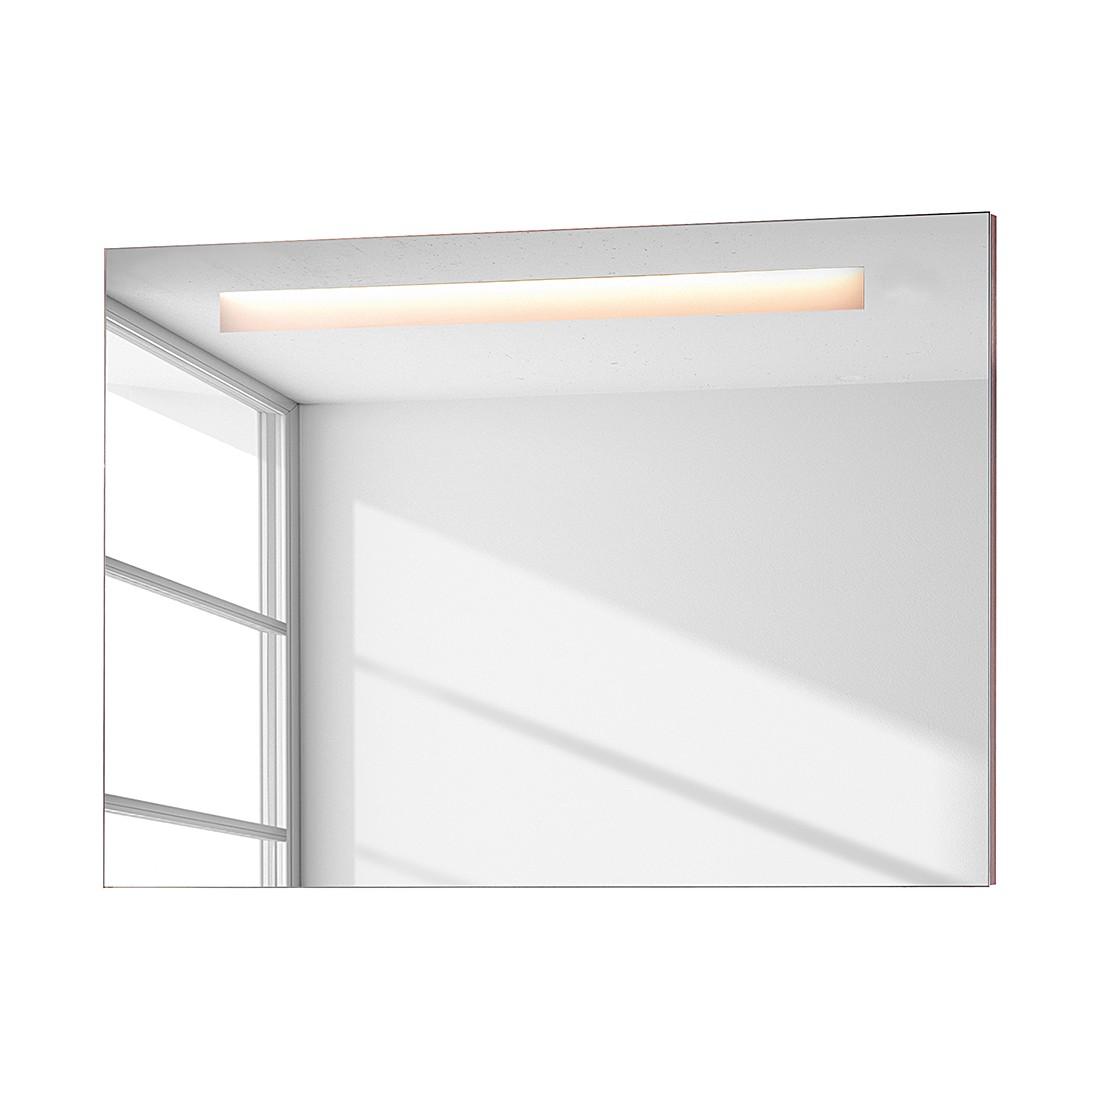 Spiegelelement Vanity – Mit Beleuchtung & LCD-Uhr, Fackelmann jetzt kaufen